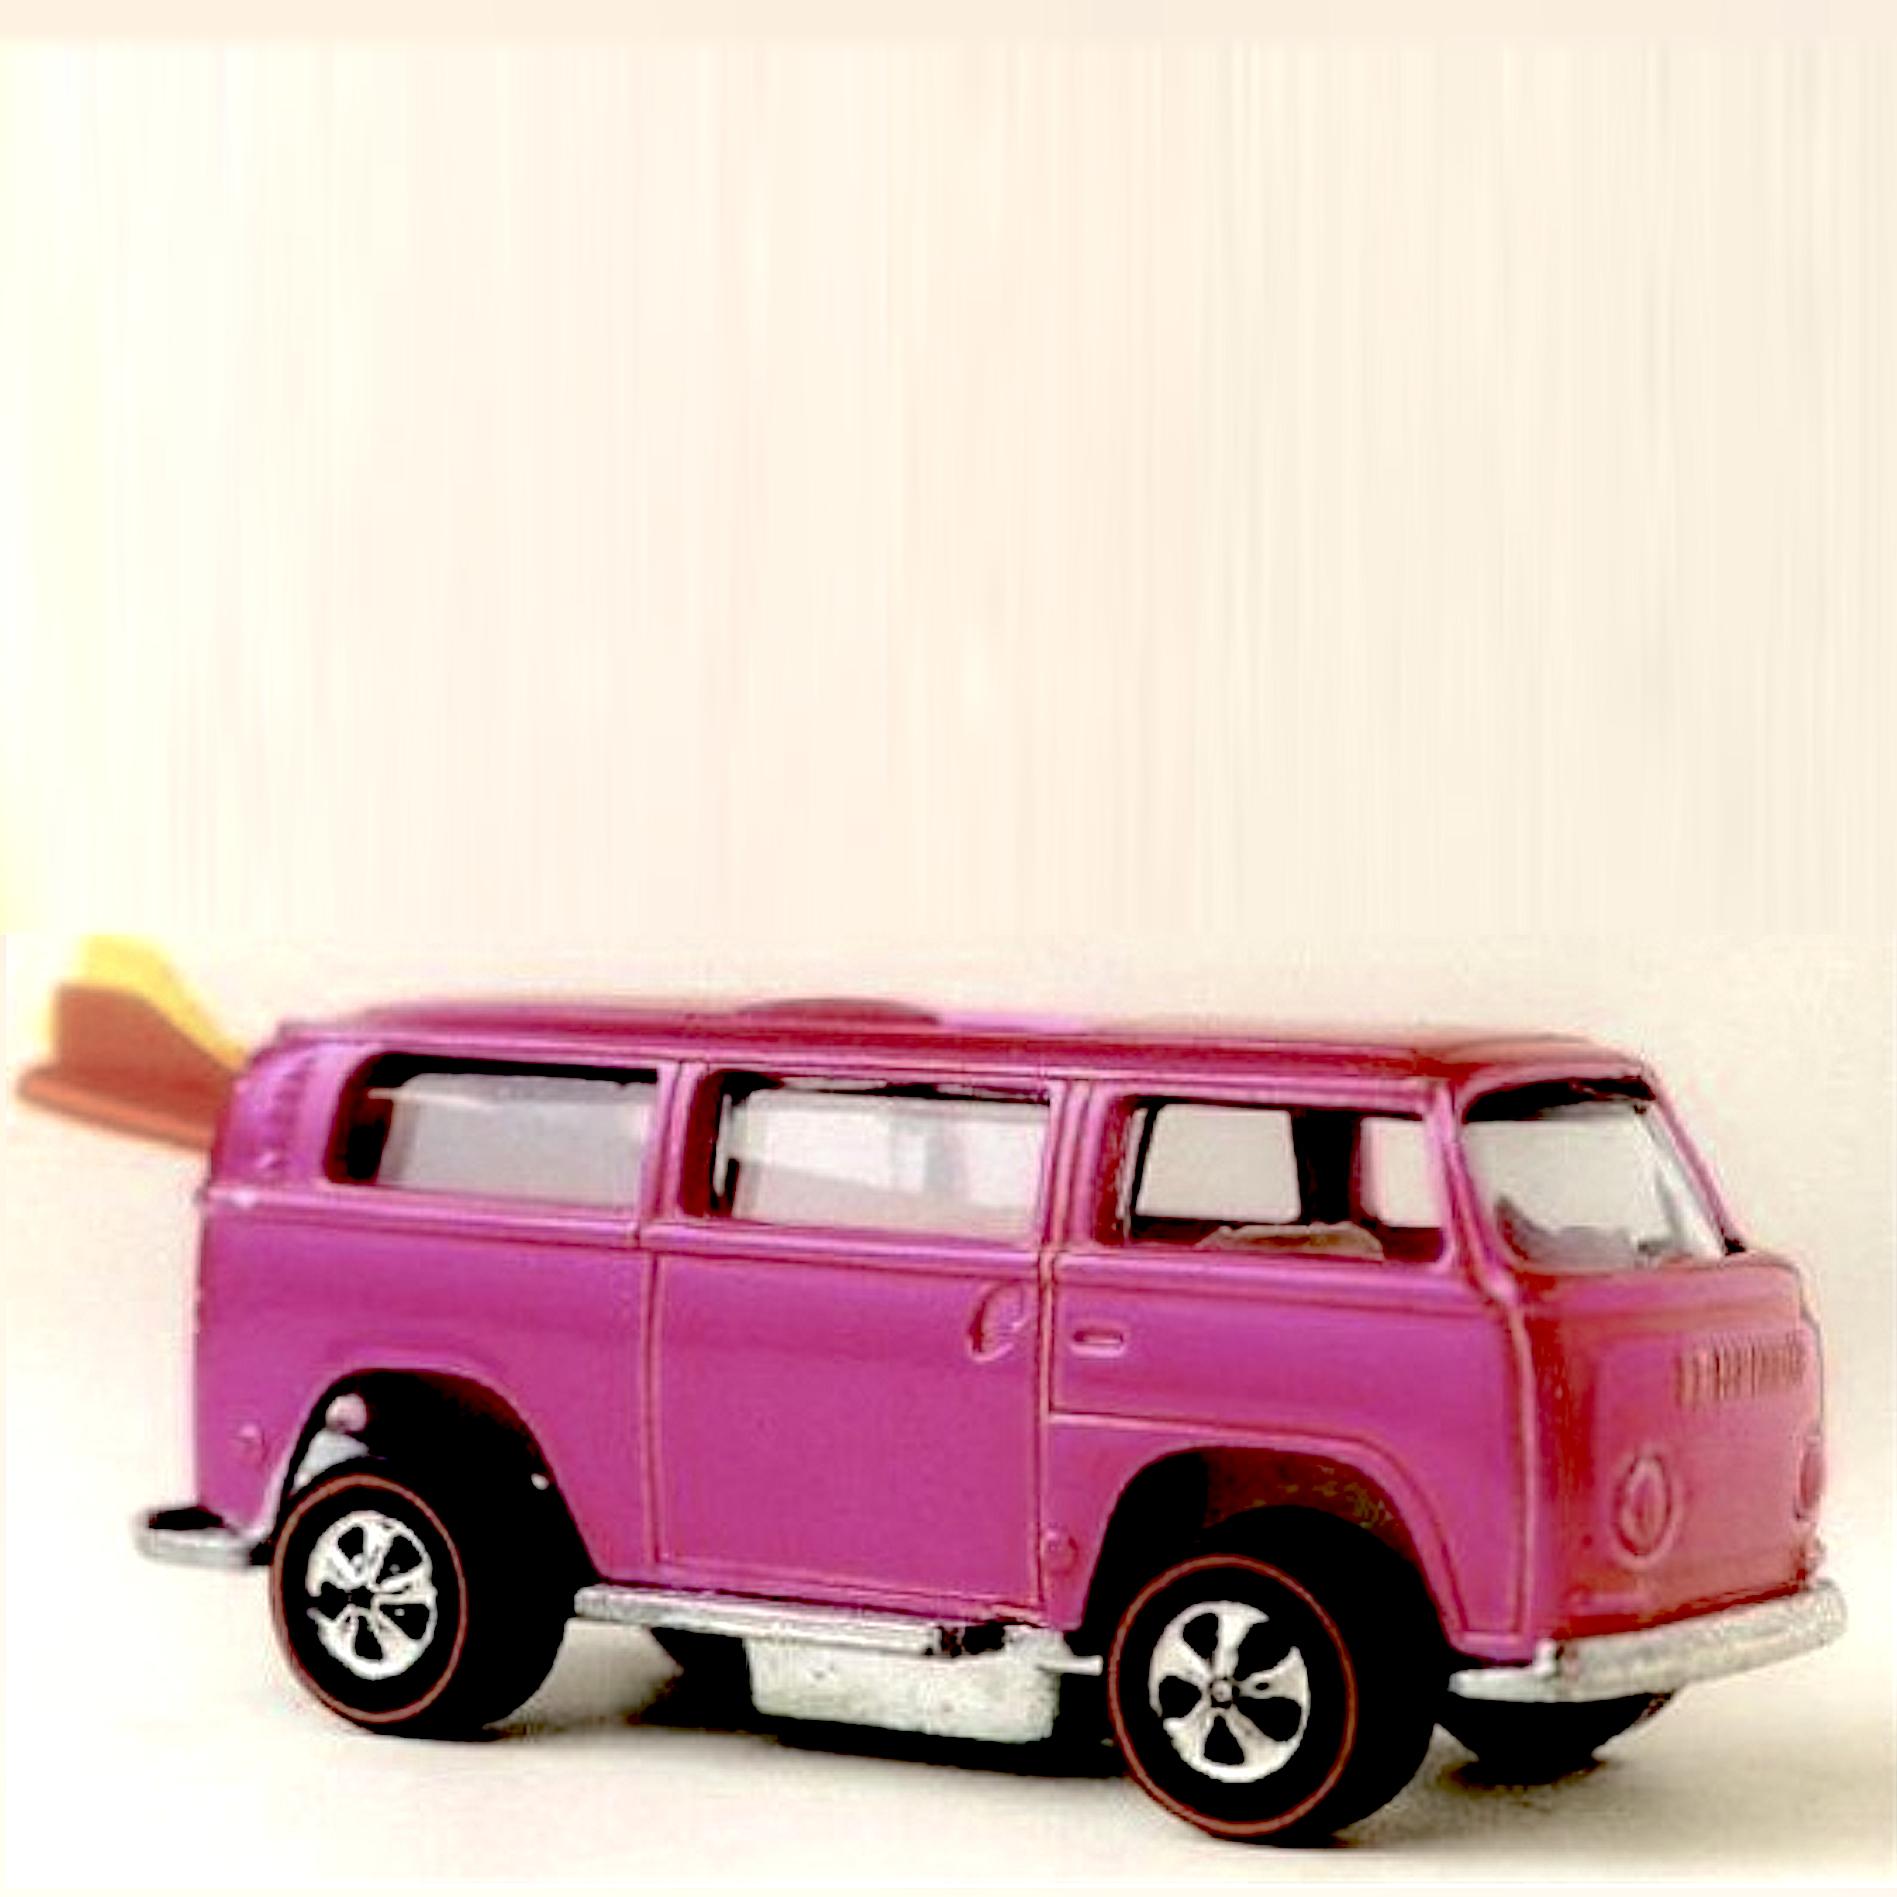 Toys Les Miniatures OnéreuseDinky Top Des 10 Le Plus Voitures VGSzLUqpM